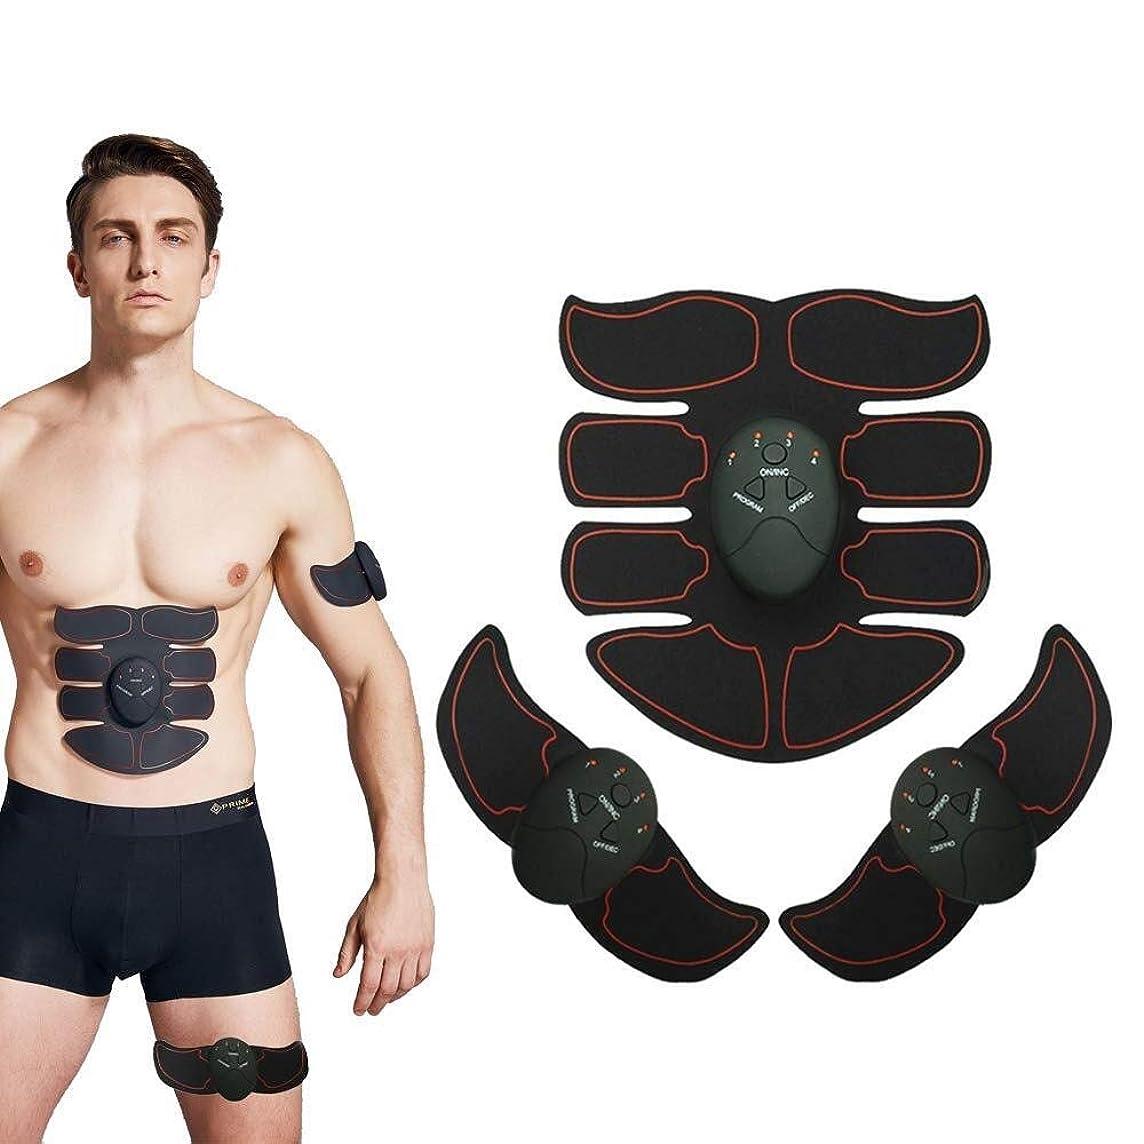 願望消化器ボクシング腹筋トレーナー 筋肉刺激装置 腹部調色ベルト、 USB充電式 筋肉のトナー、 ワイヤレスポータブル トレーニングギア、 完璧な ホーム 運動器具 にとって 男女 - 6つのモードと10のレベルの強度